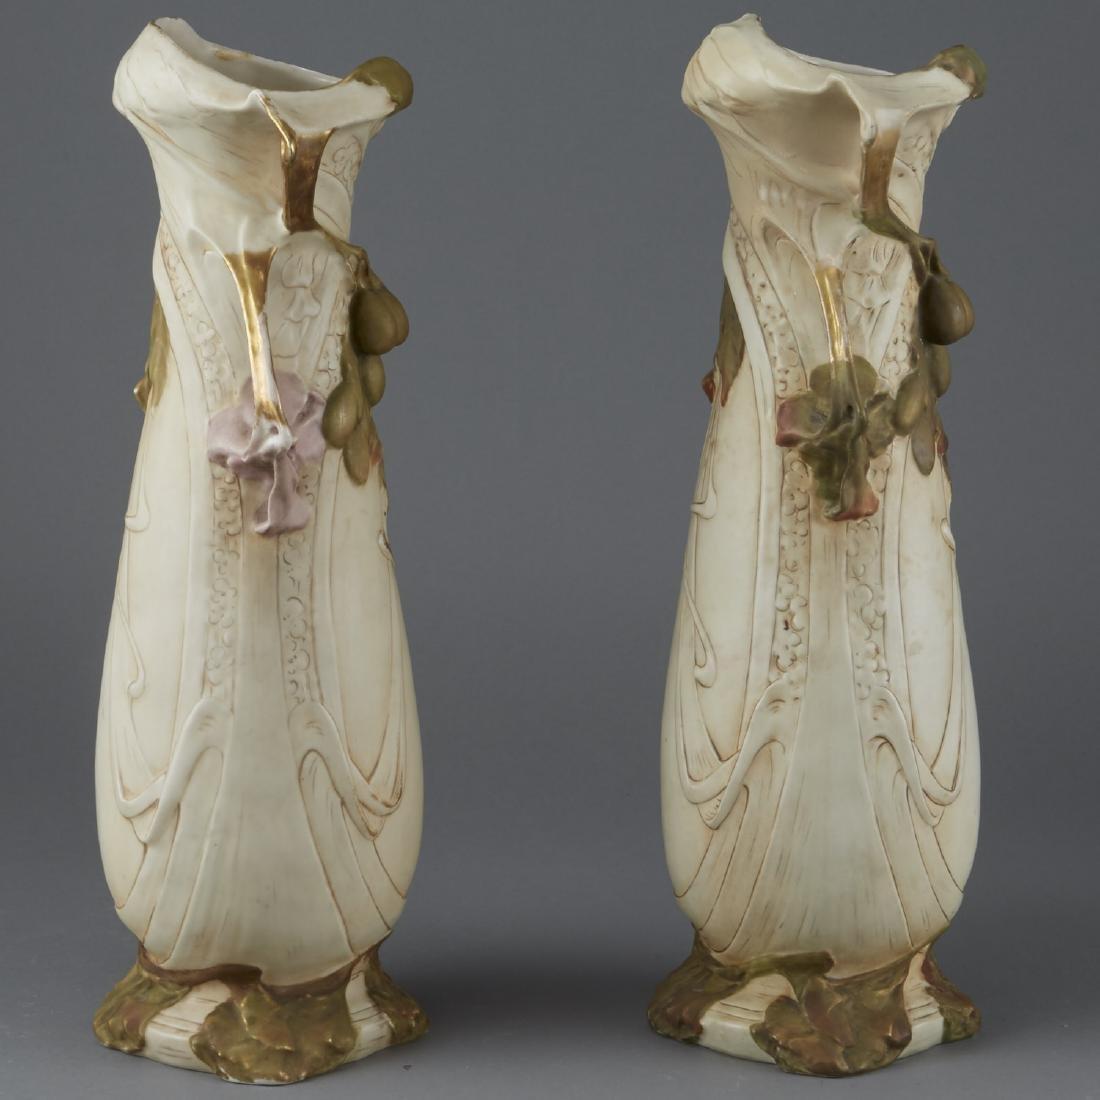 2 Amphora Vases - 4